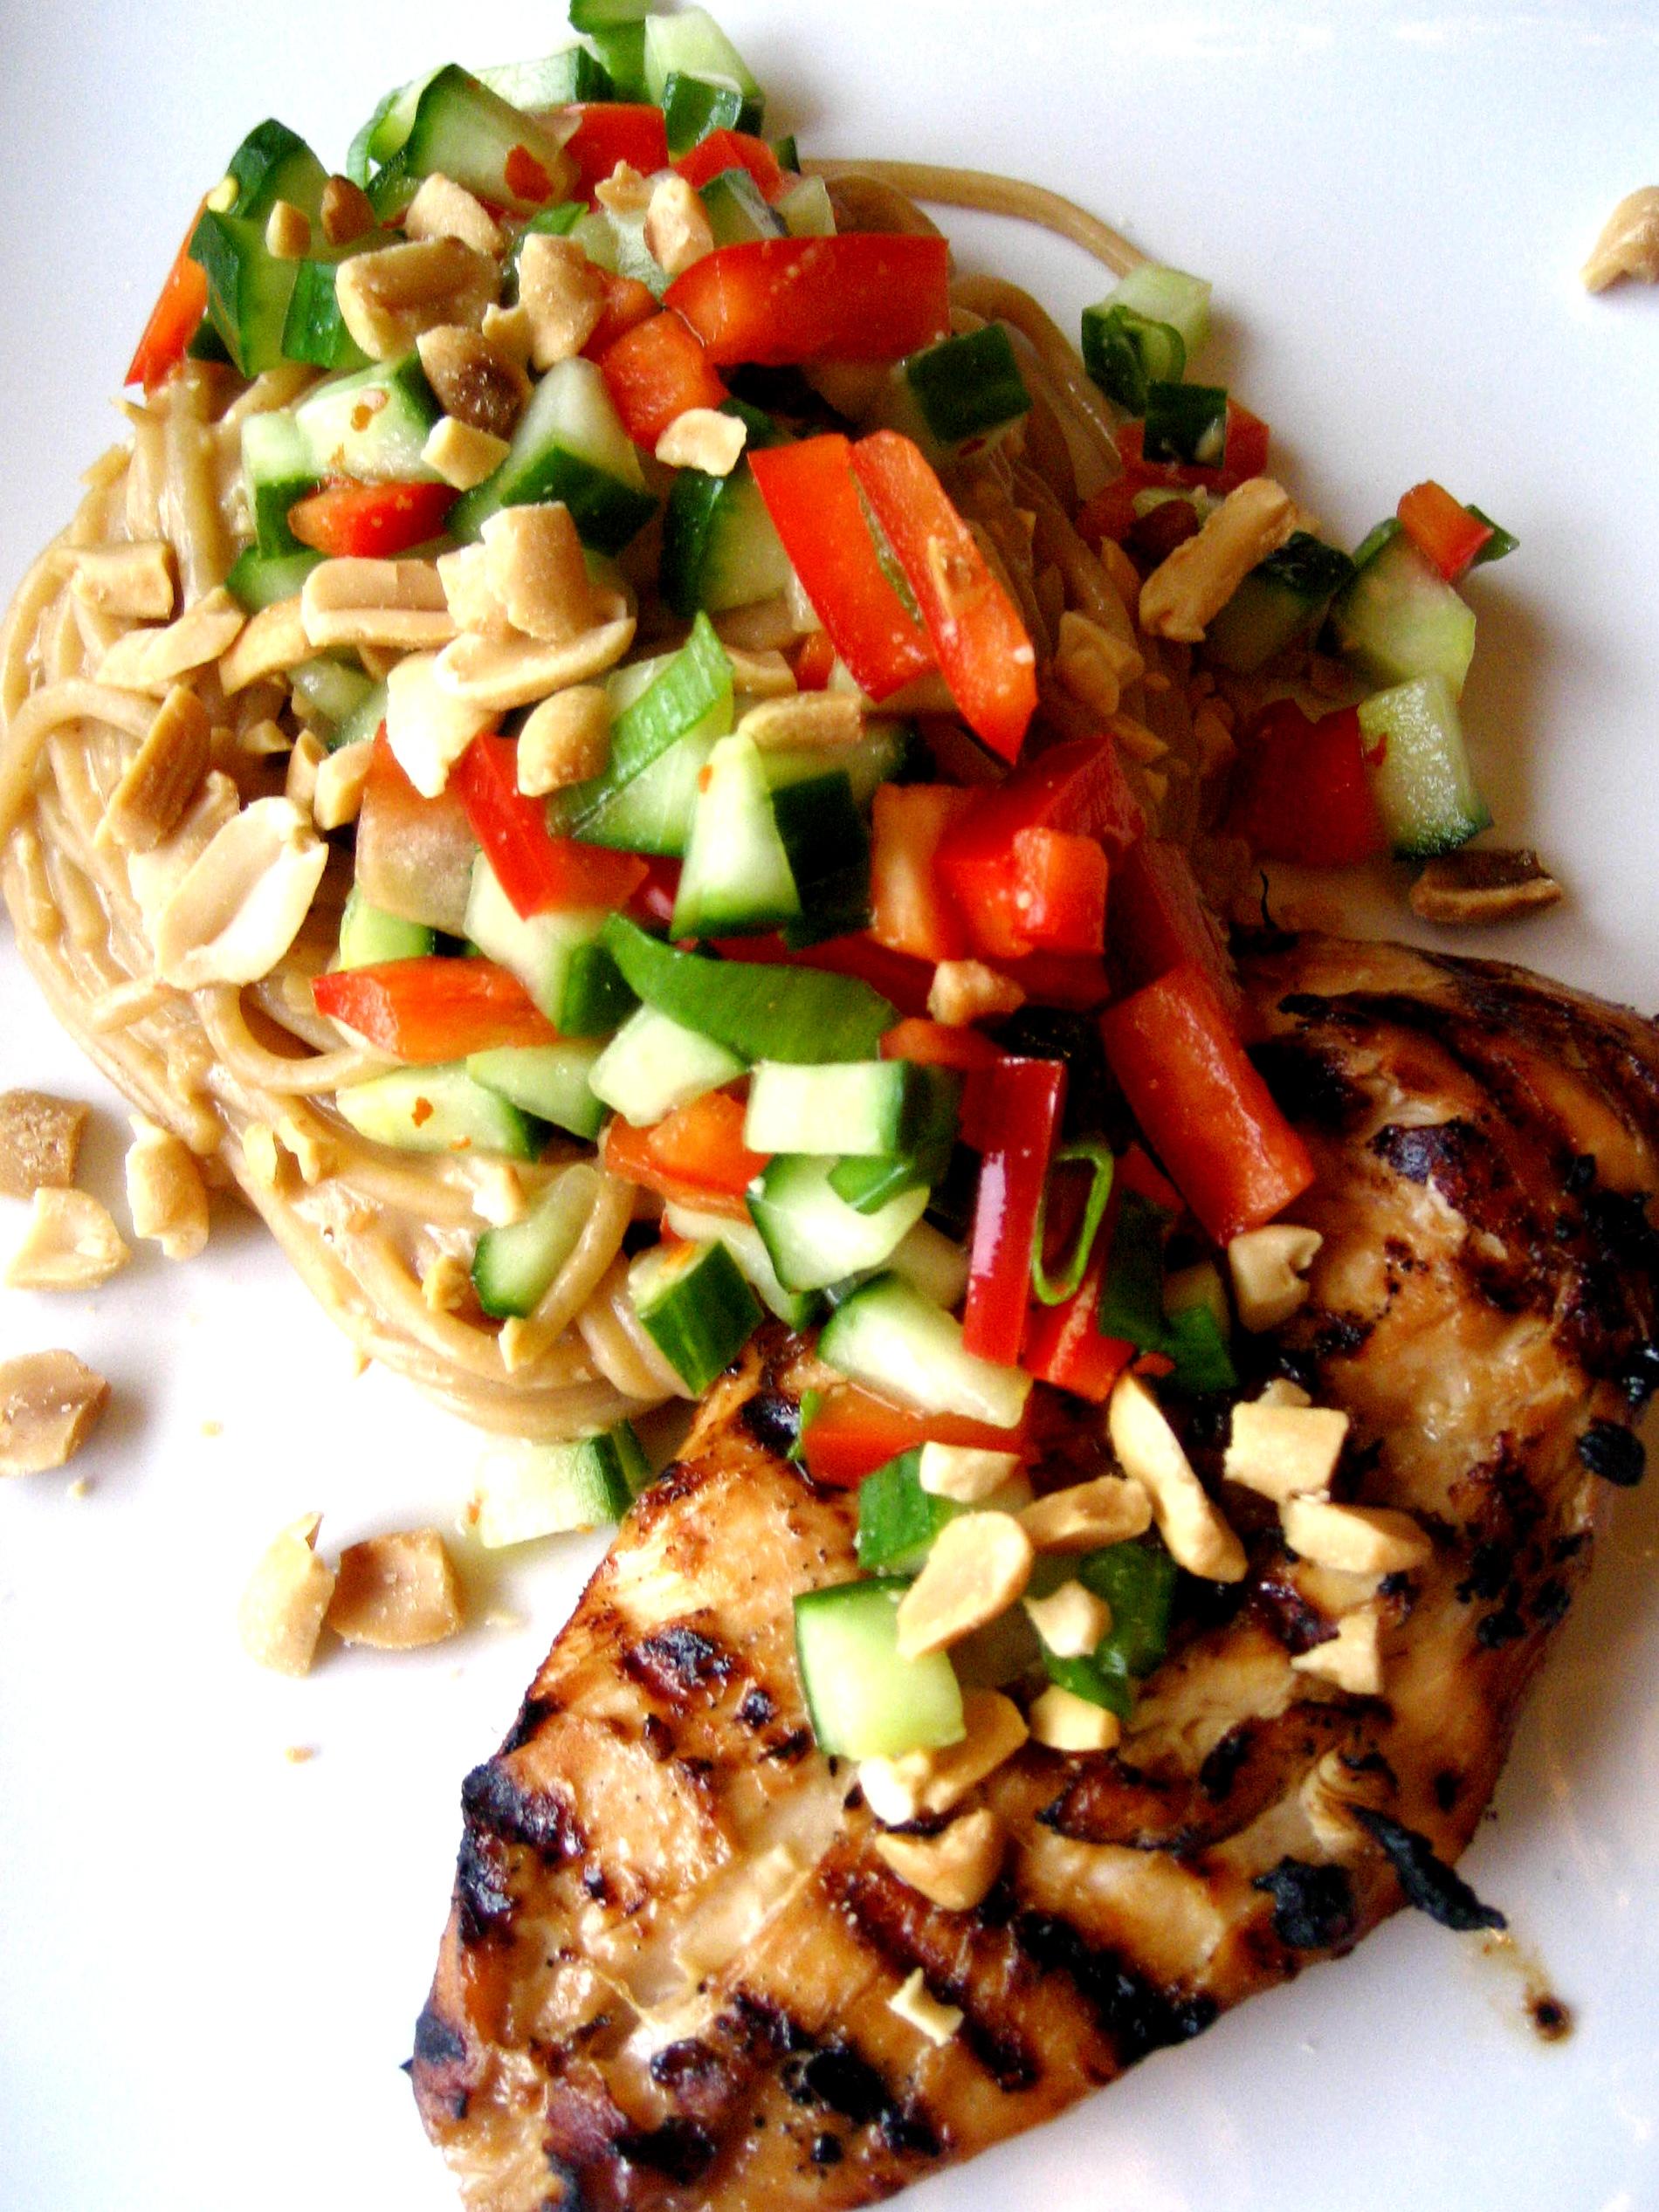 Spicy Chicken Peanut Noodles | Tasty Kitchen: A Happy Recipe Community ...